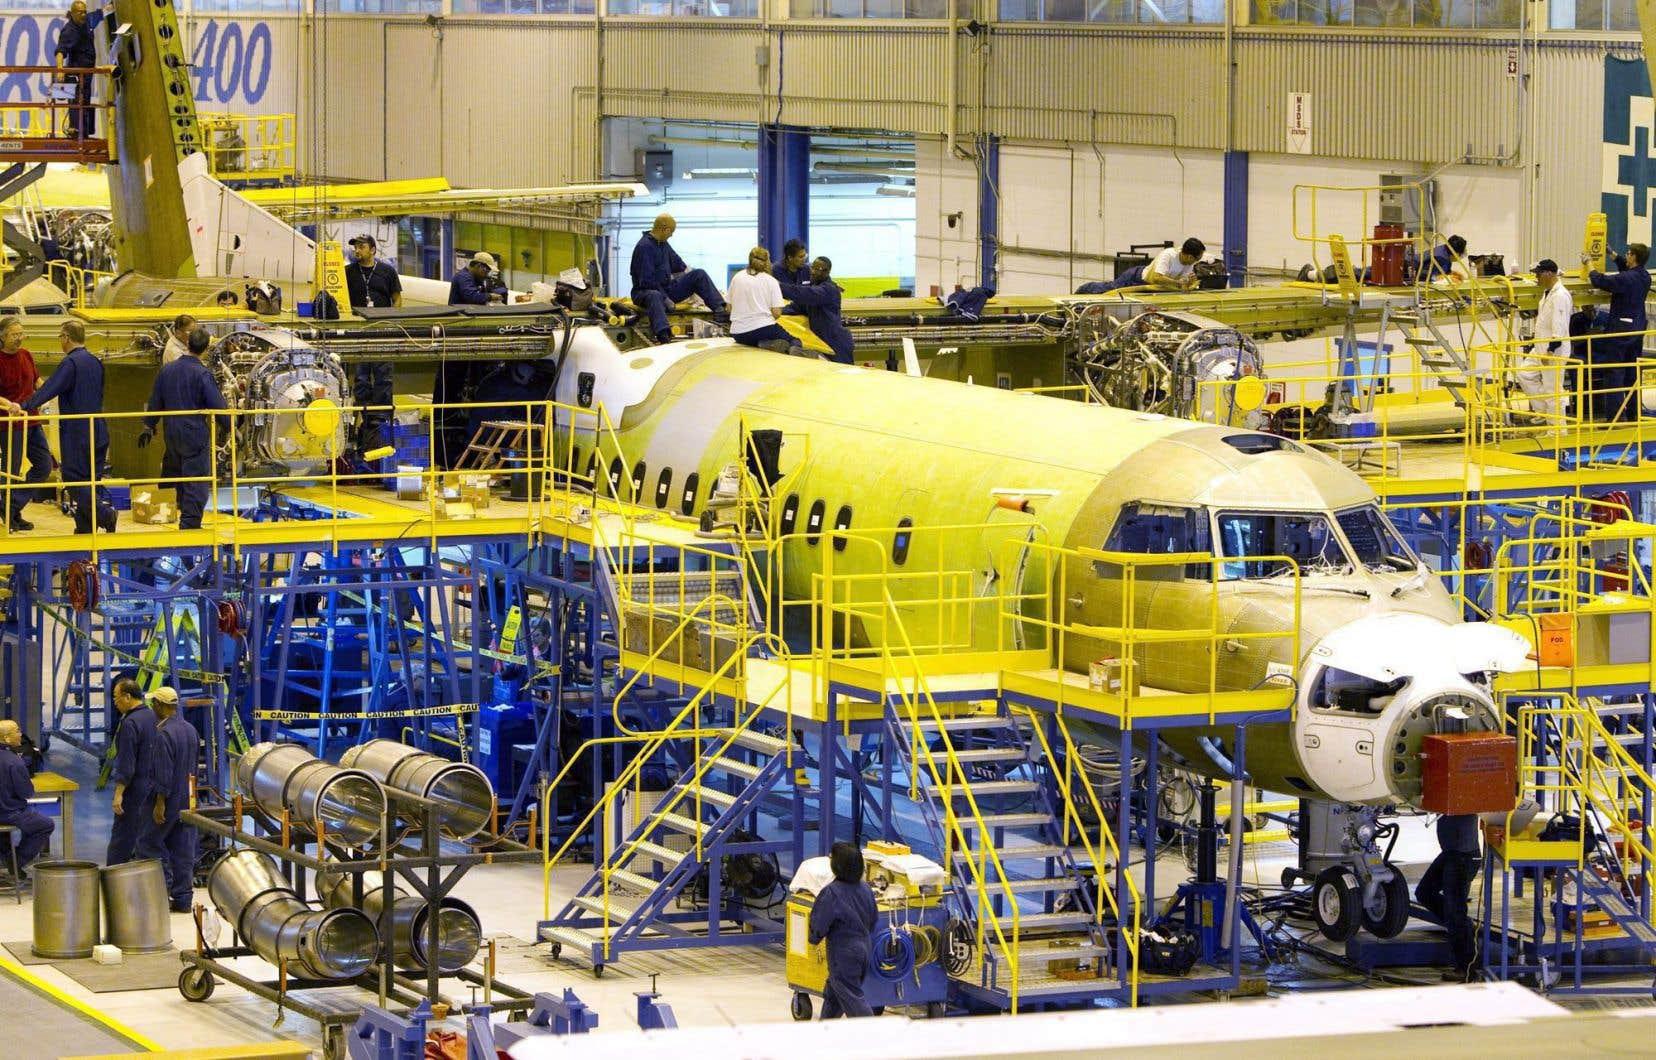 Près de 31 700 postes seront à pourvoir au cours des 10 prochaines années, selon Aéro Montréal.